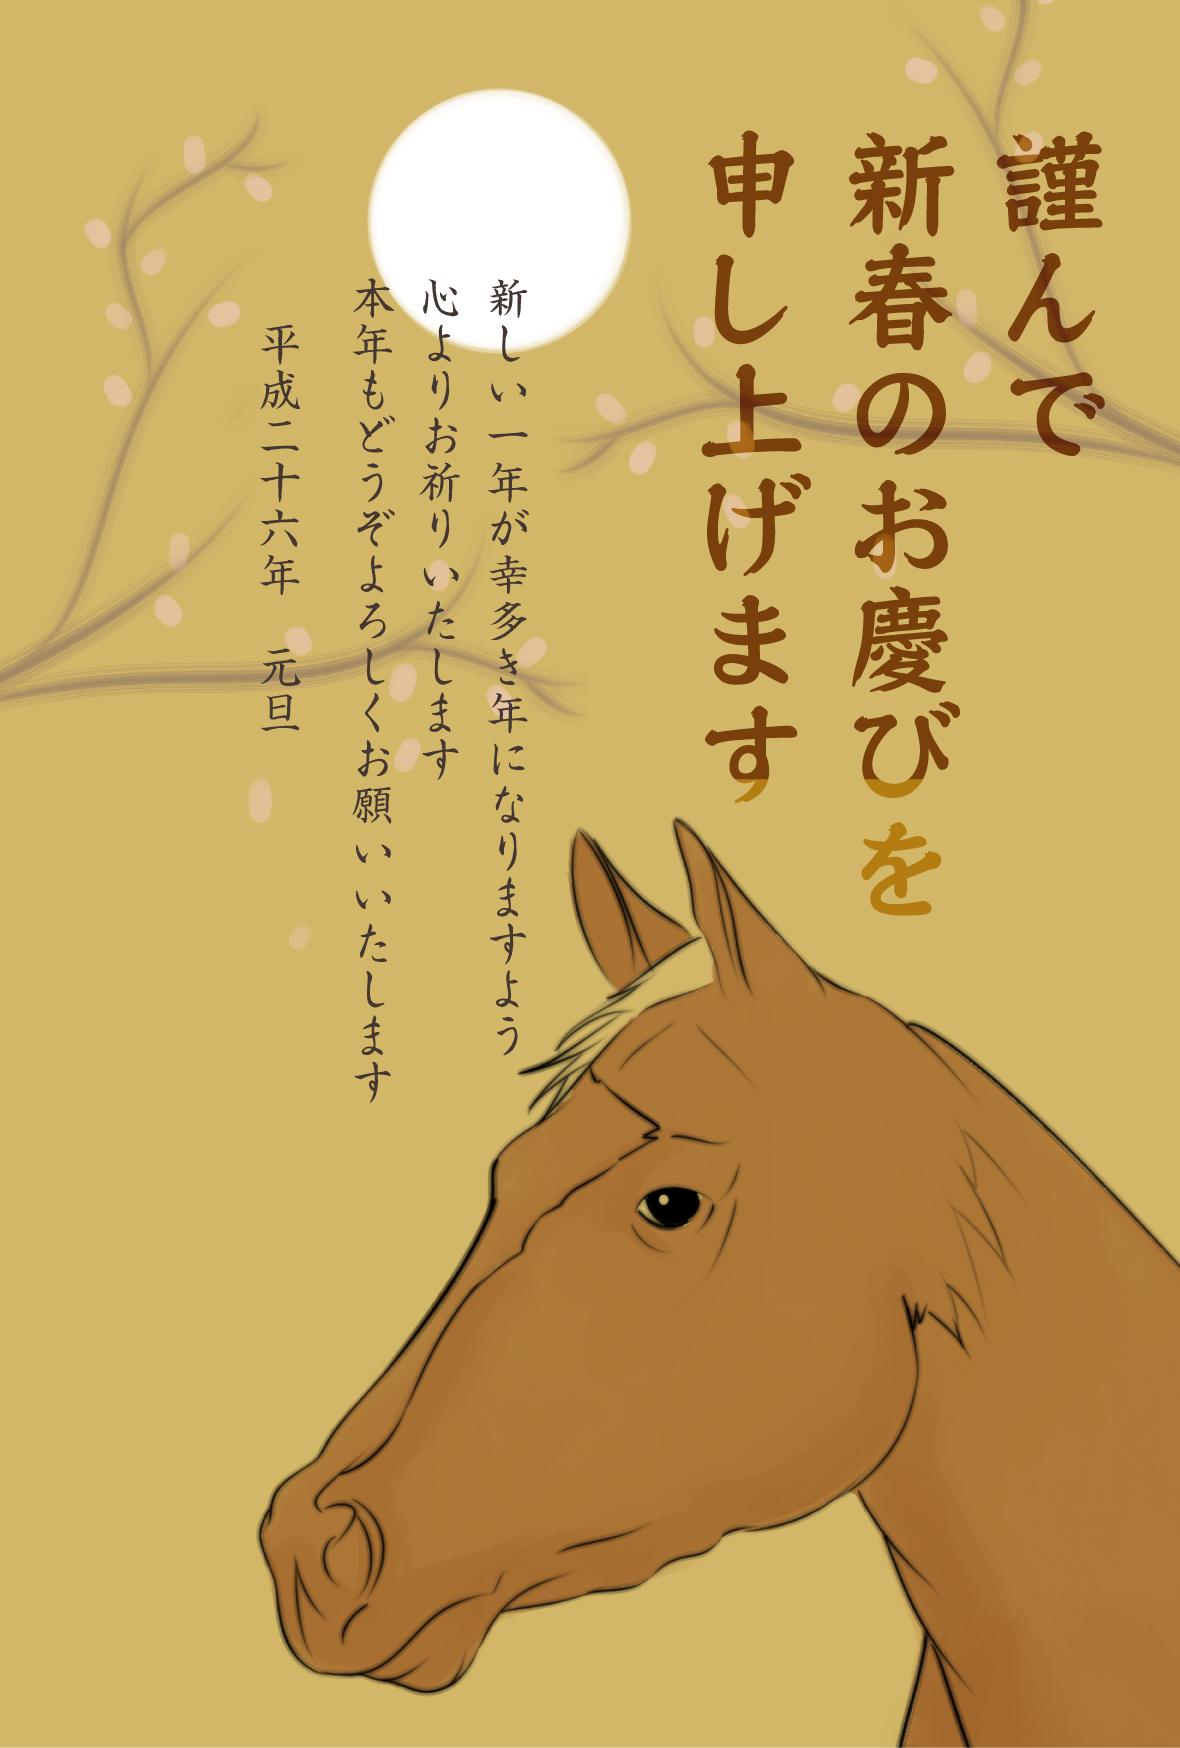 年賀状素材 月と馬